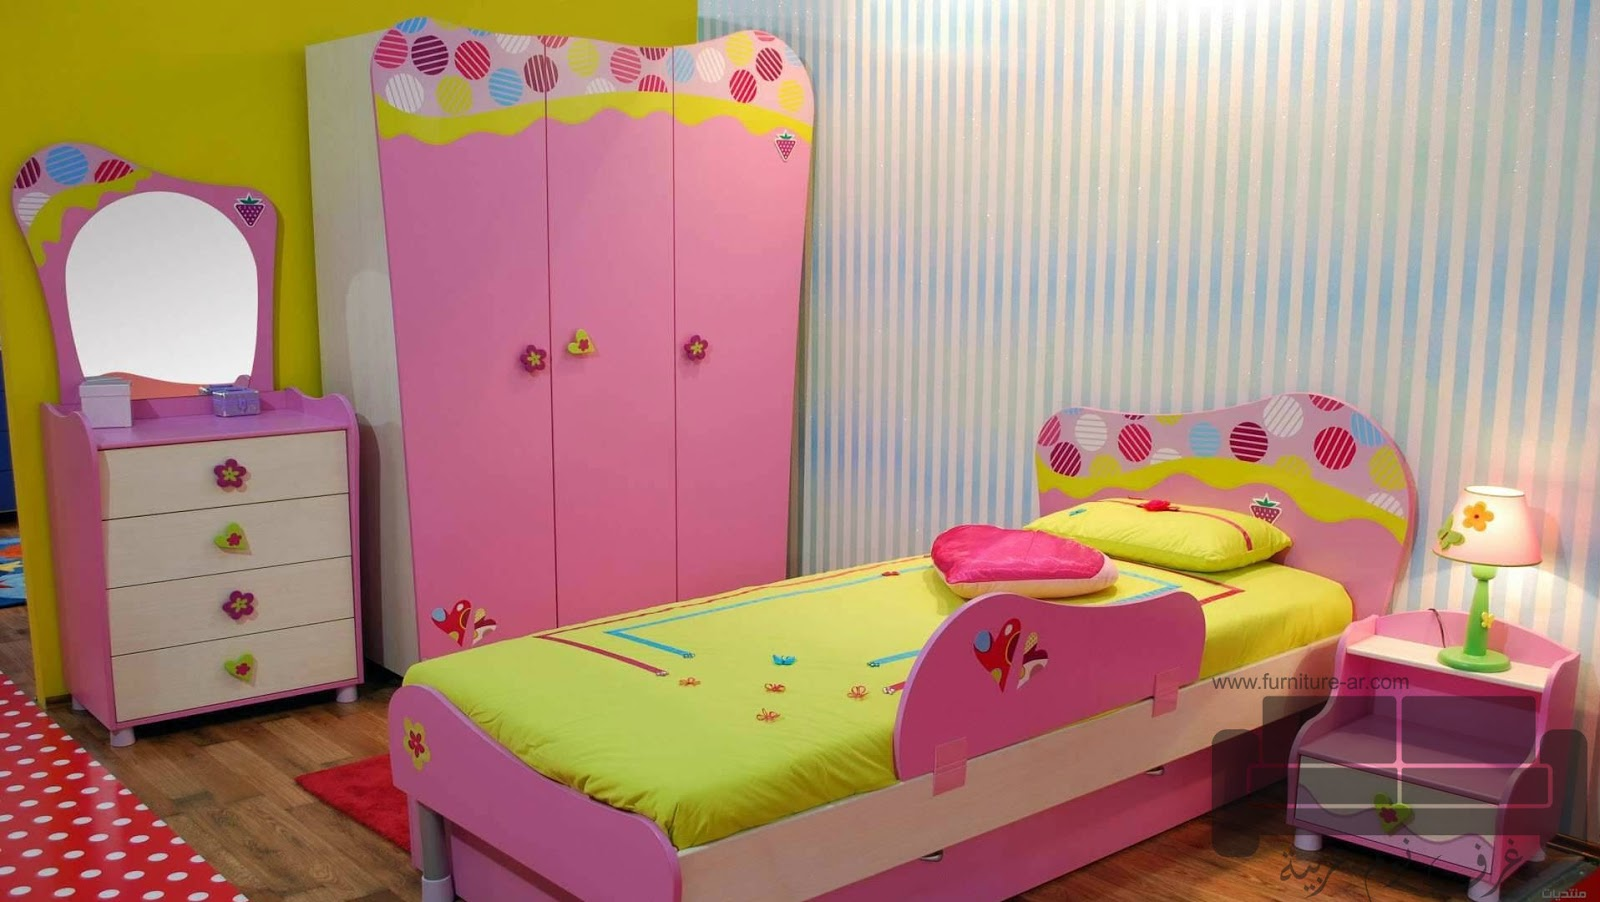 غرف نوم اطفال للبيع 2017   غرف نوم   الأثاث الحديث